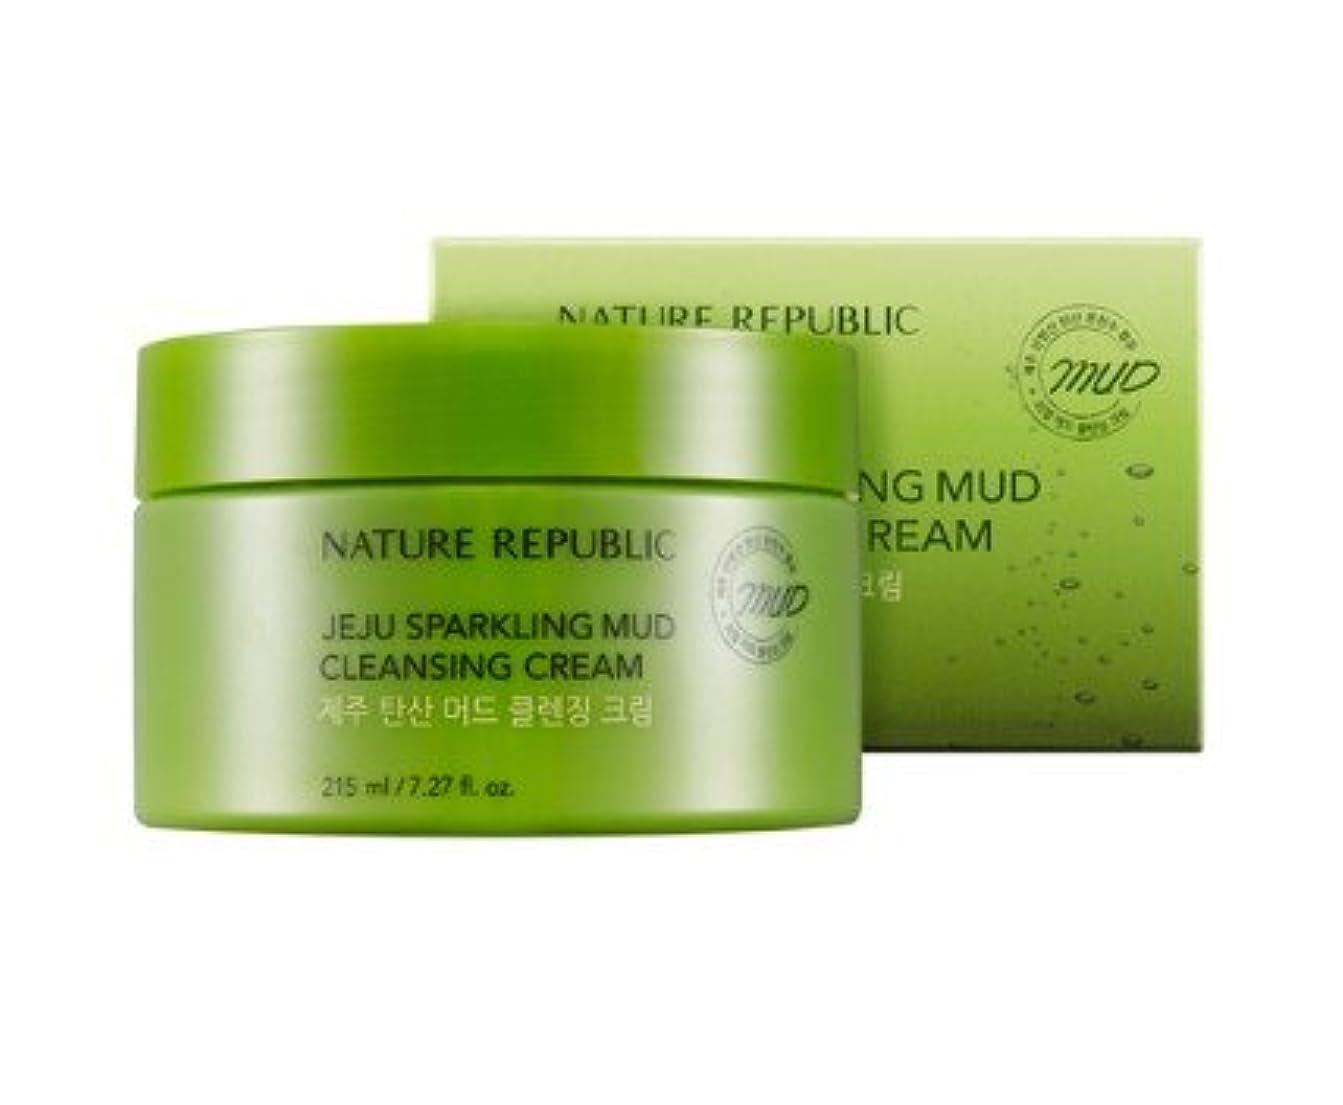 どちらかラテン薬用Nature republic Jeju Sparkling Mud Cleansing Cream ネイチャーリパブリック チェジュ炭酸マッド クレンジングクリーム 215ML [並行輸入品]